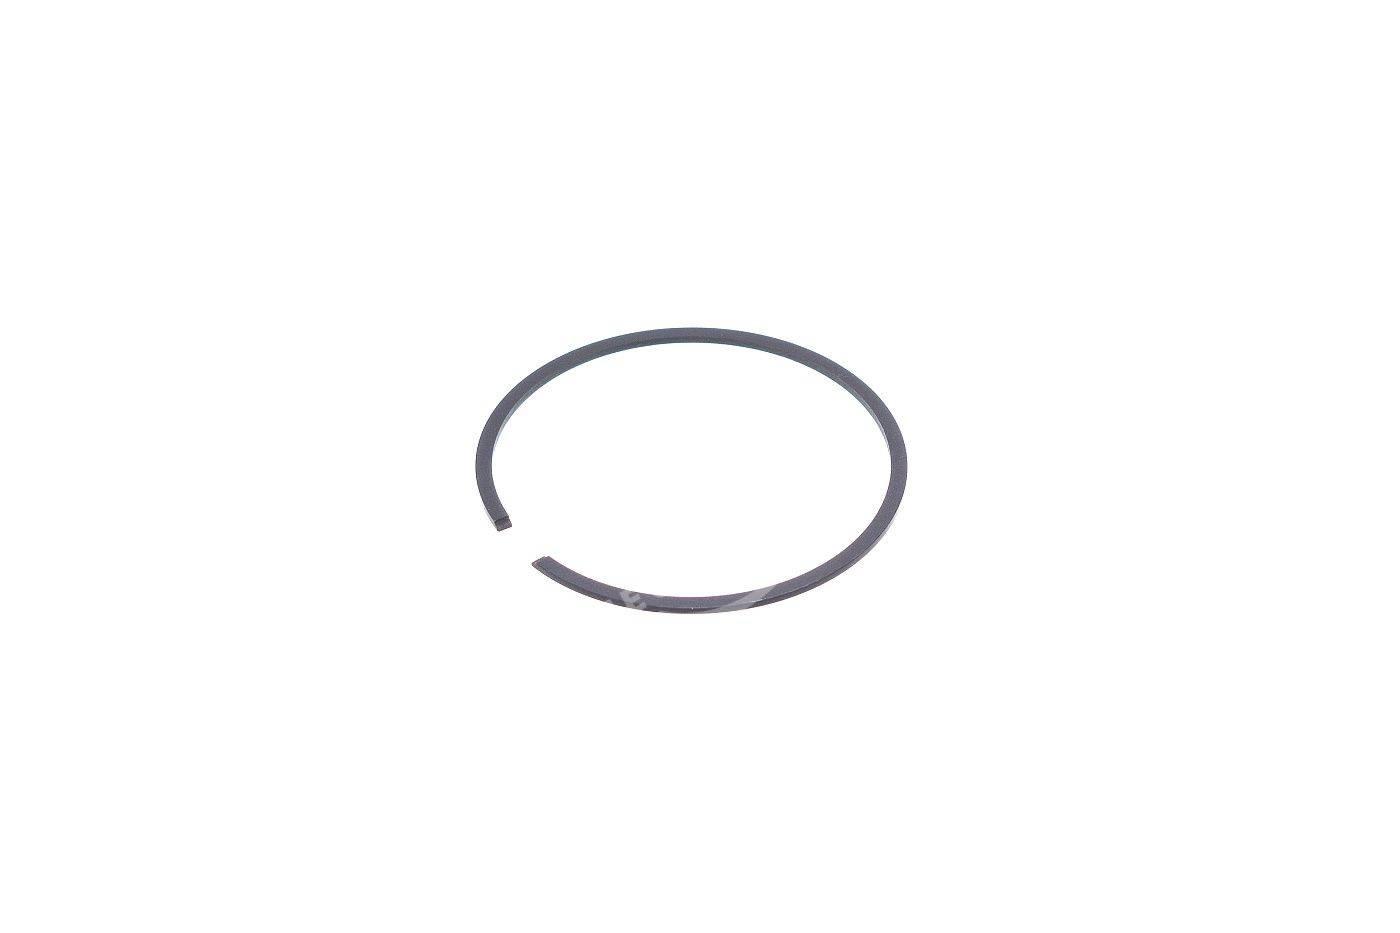 Kolbenring 52 x 1,2 mm